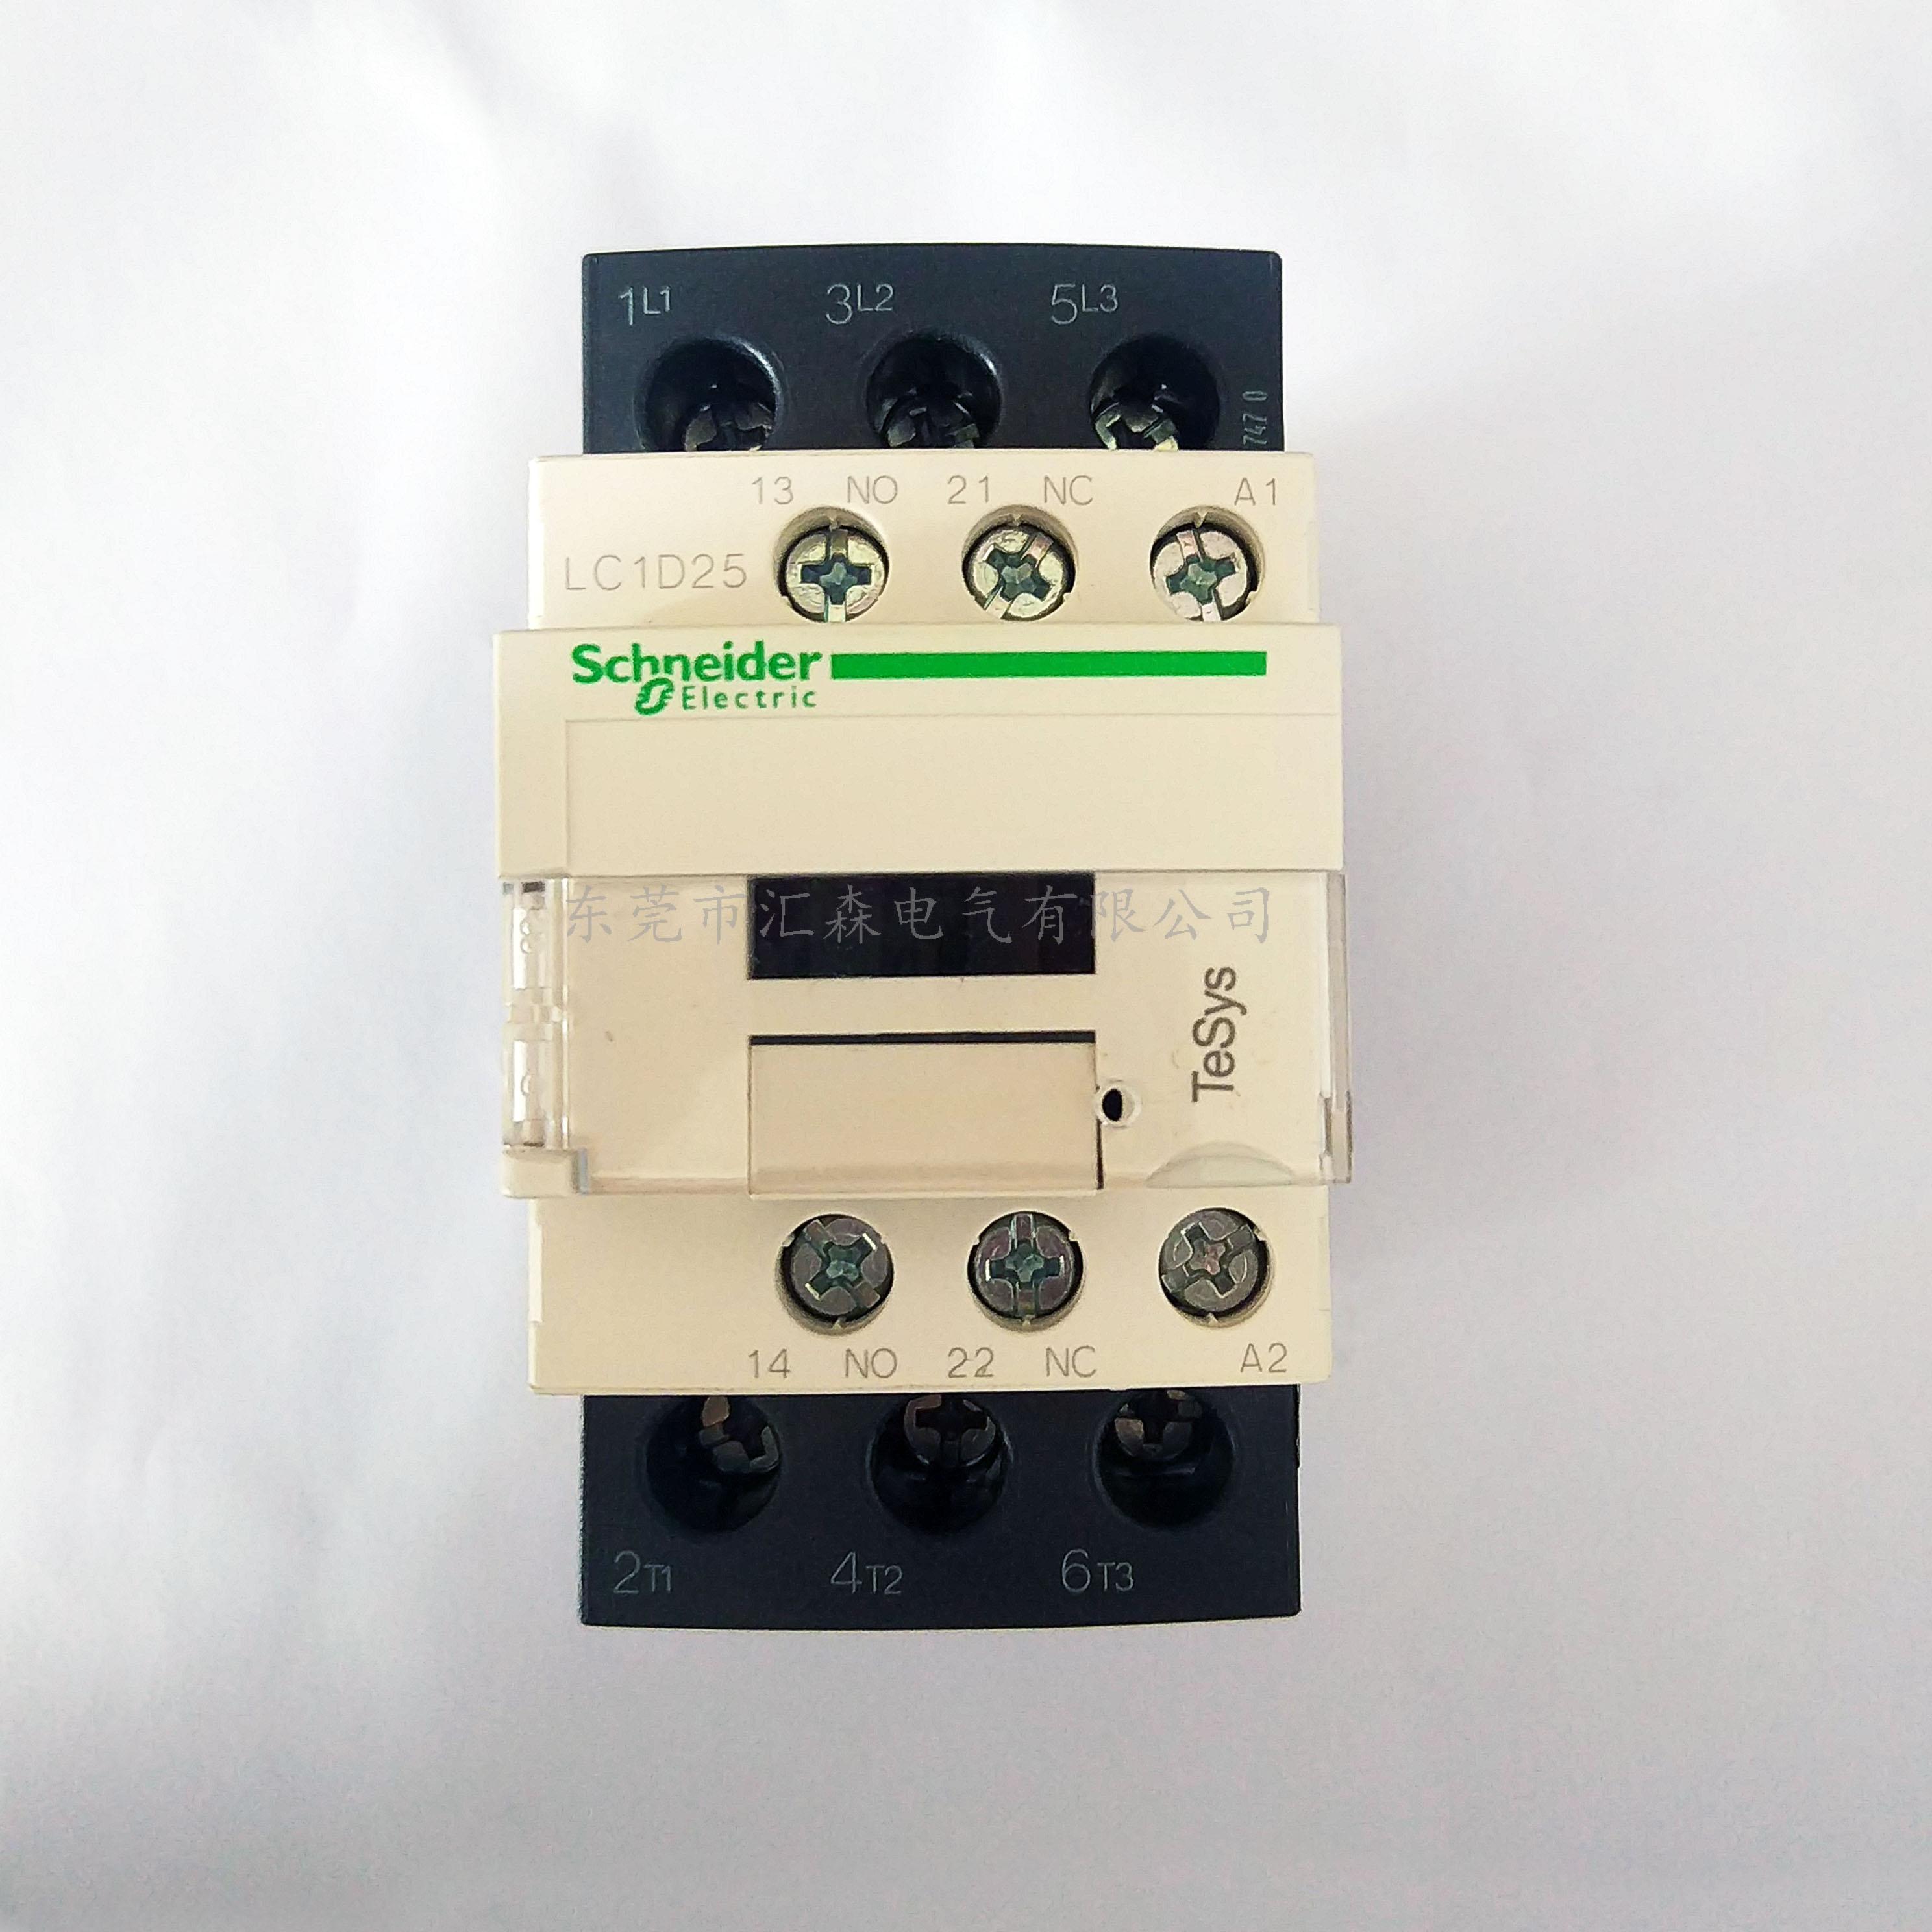 施耐德国产三极交流接触器LC1D25FE7C